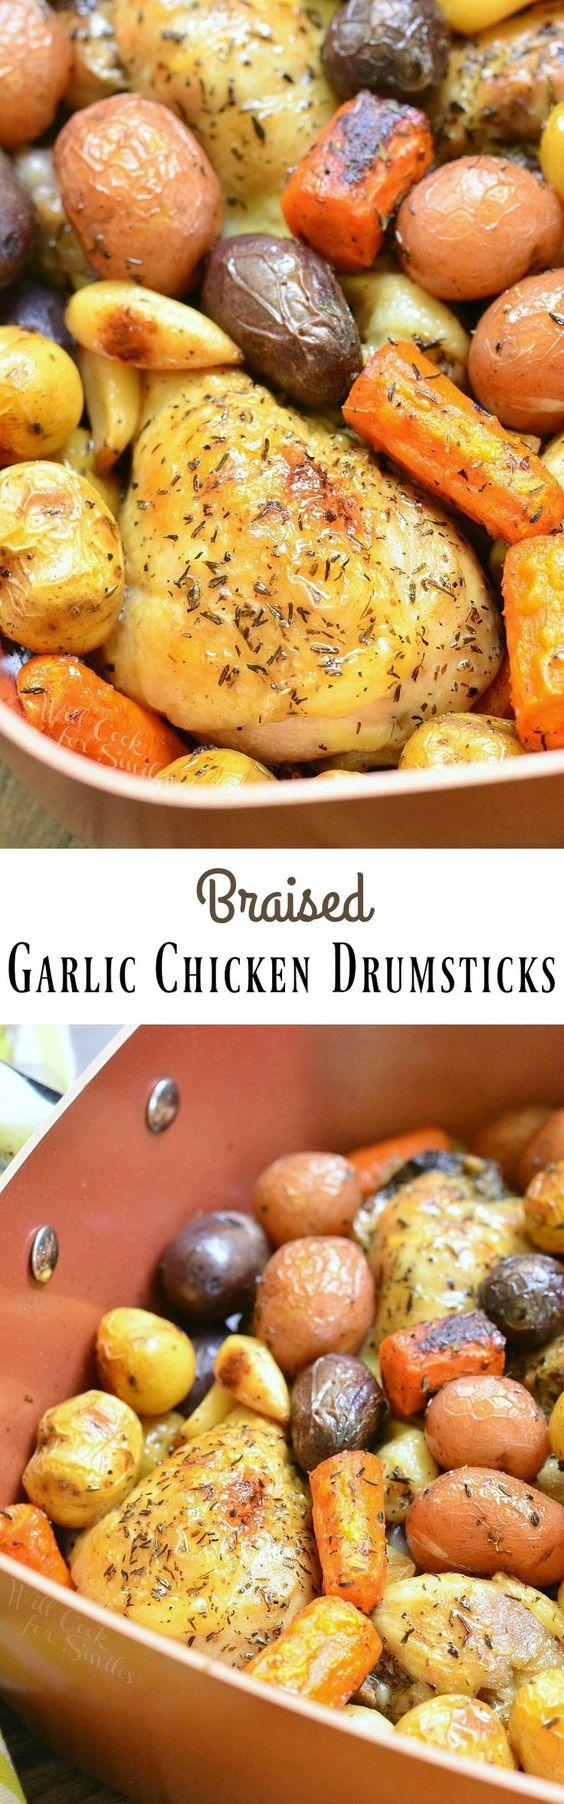 Braised Garlic Chicken Drumsticks Recipe Chicken Drumsticks